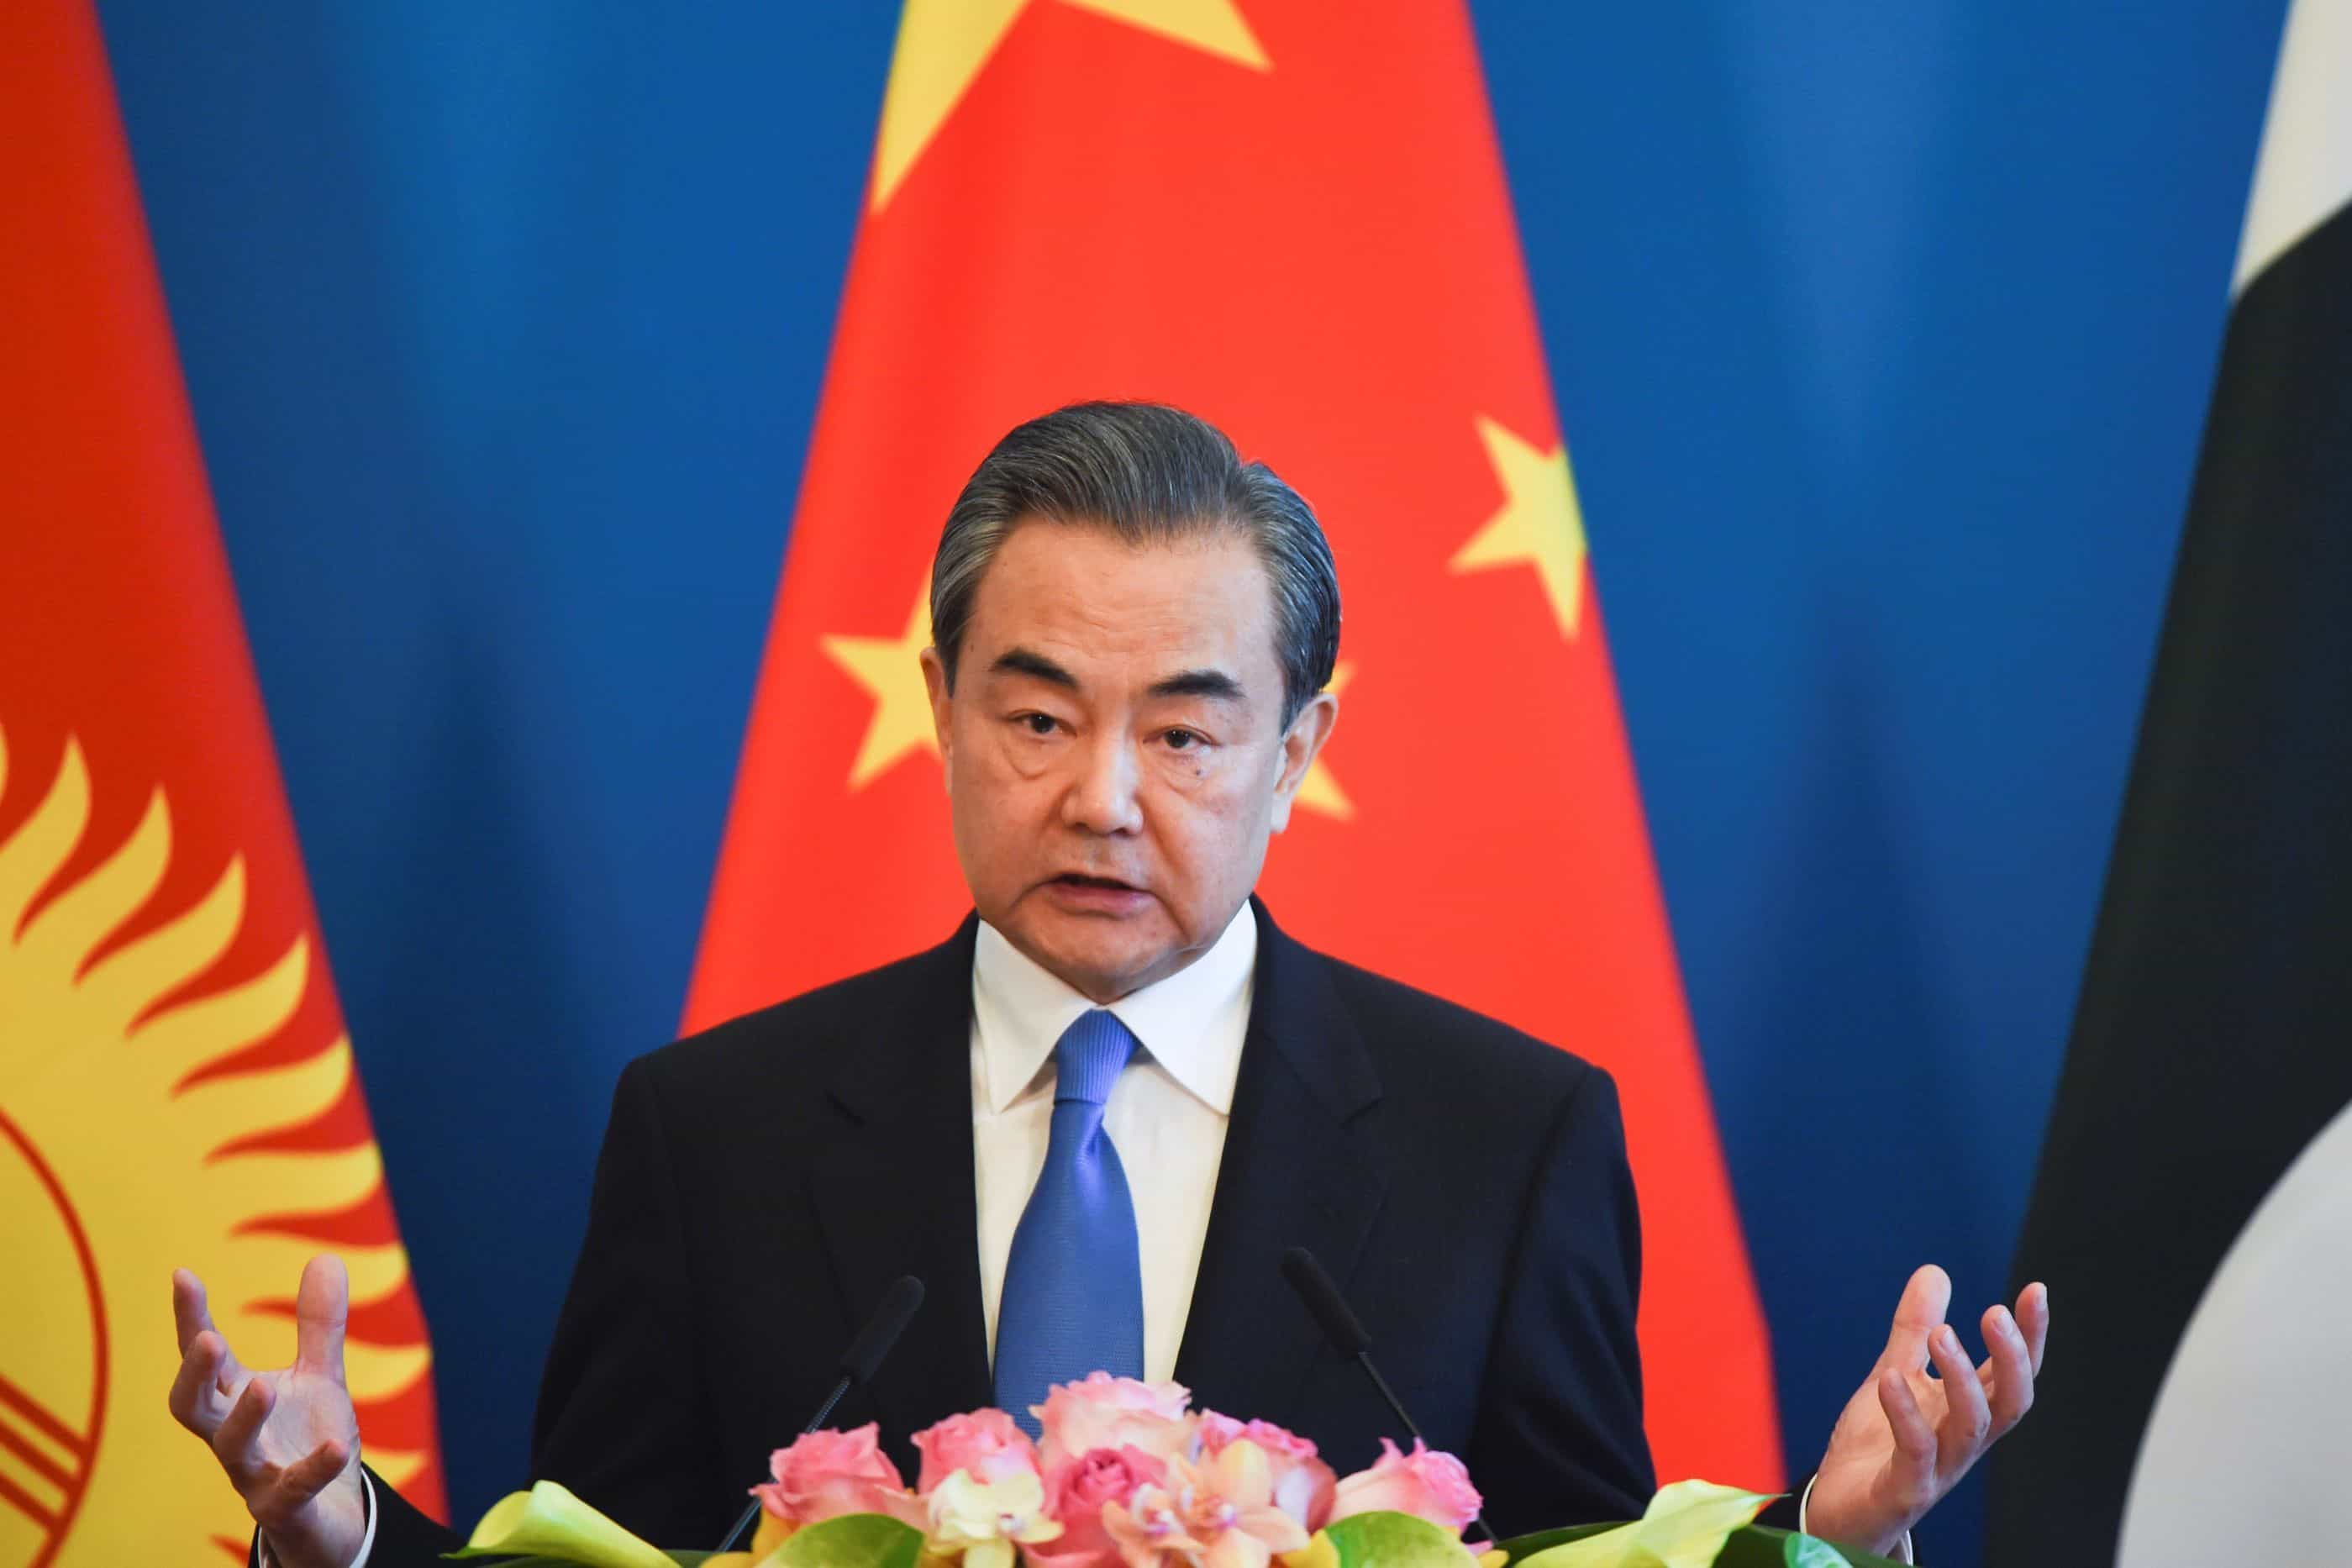 China pede aos EUA para evitarem medidas contra interesses de Pequim